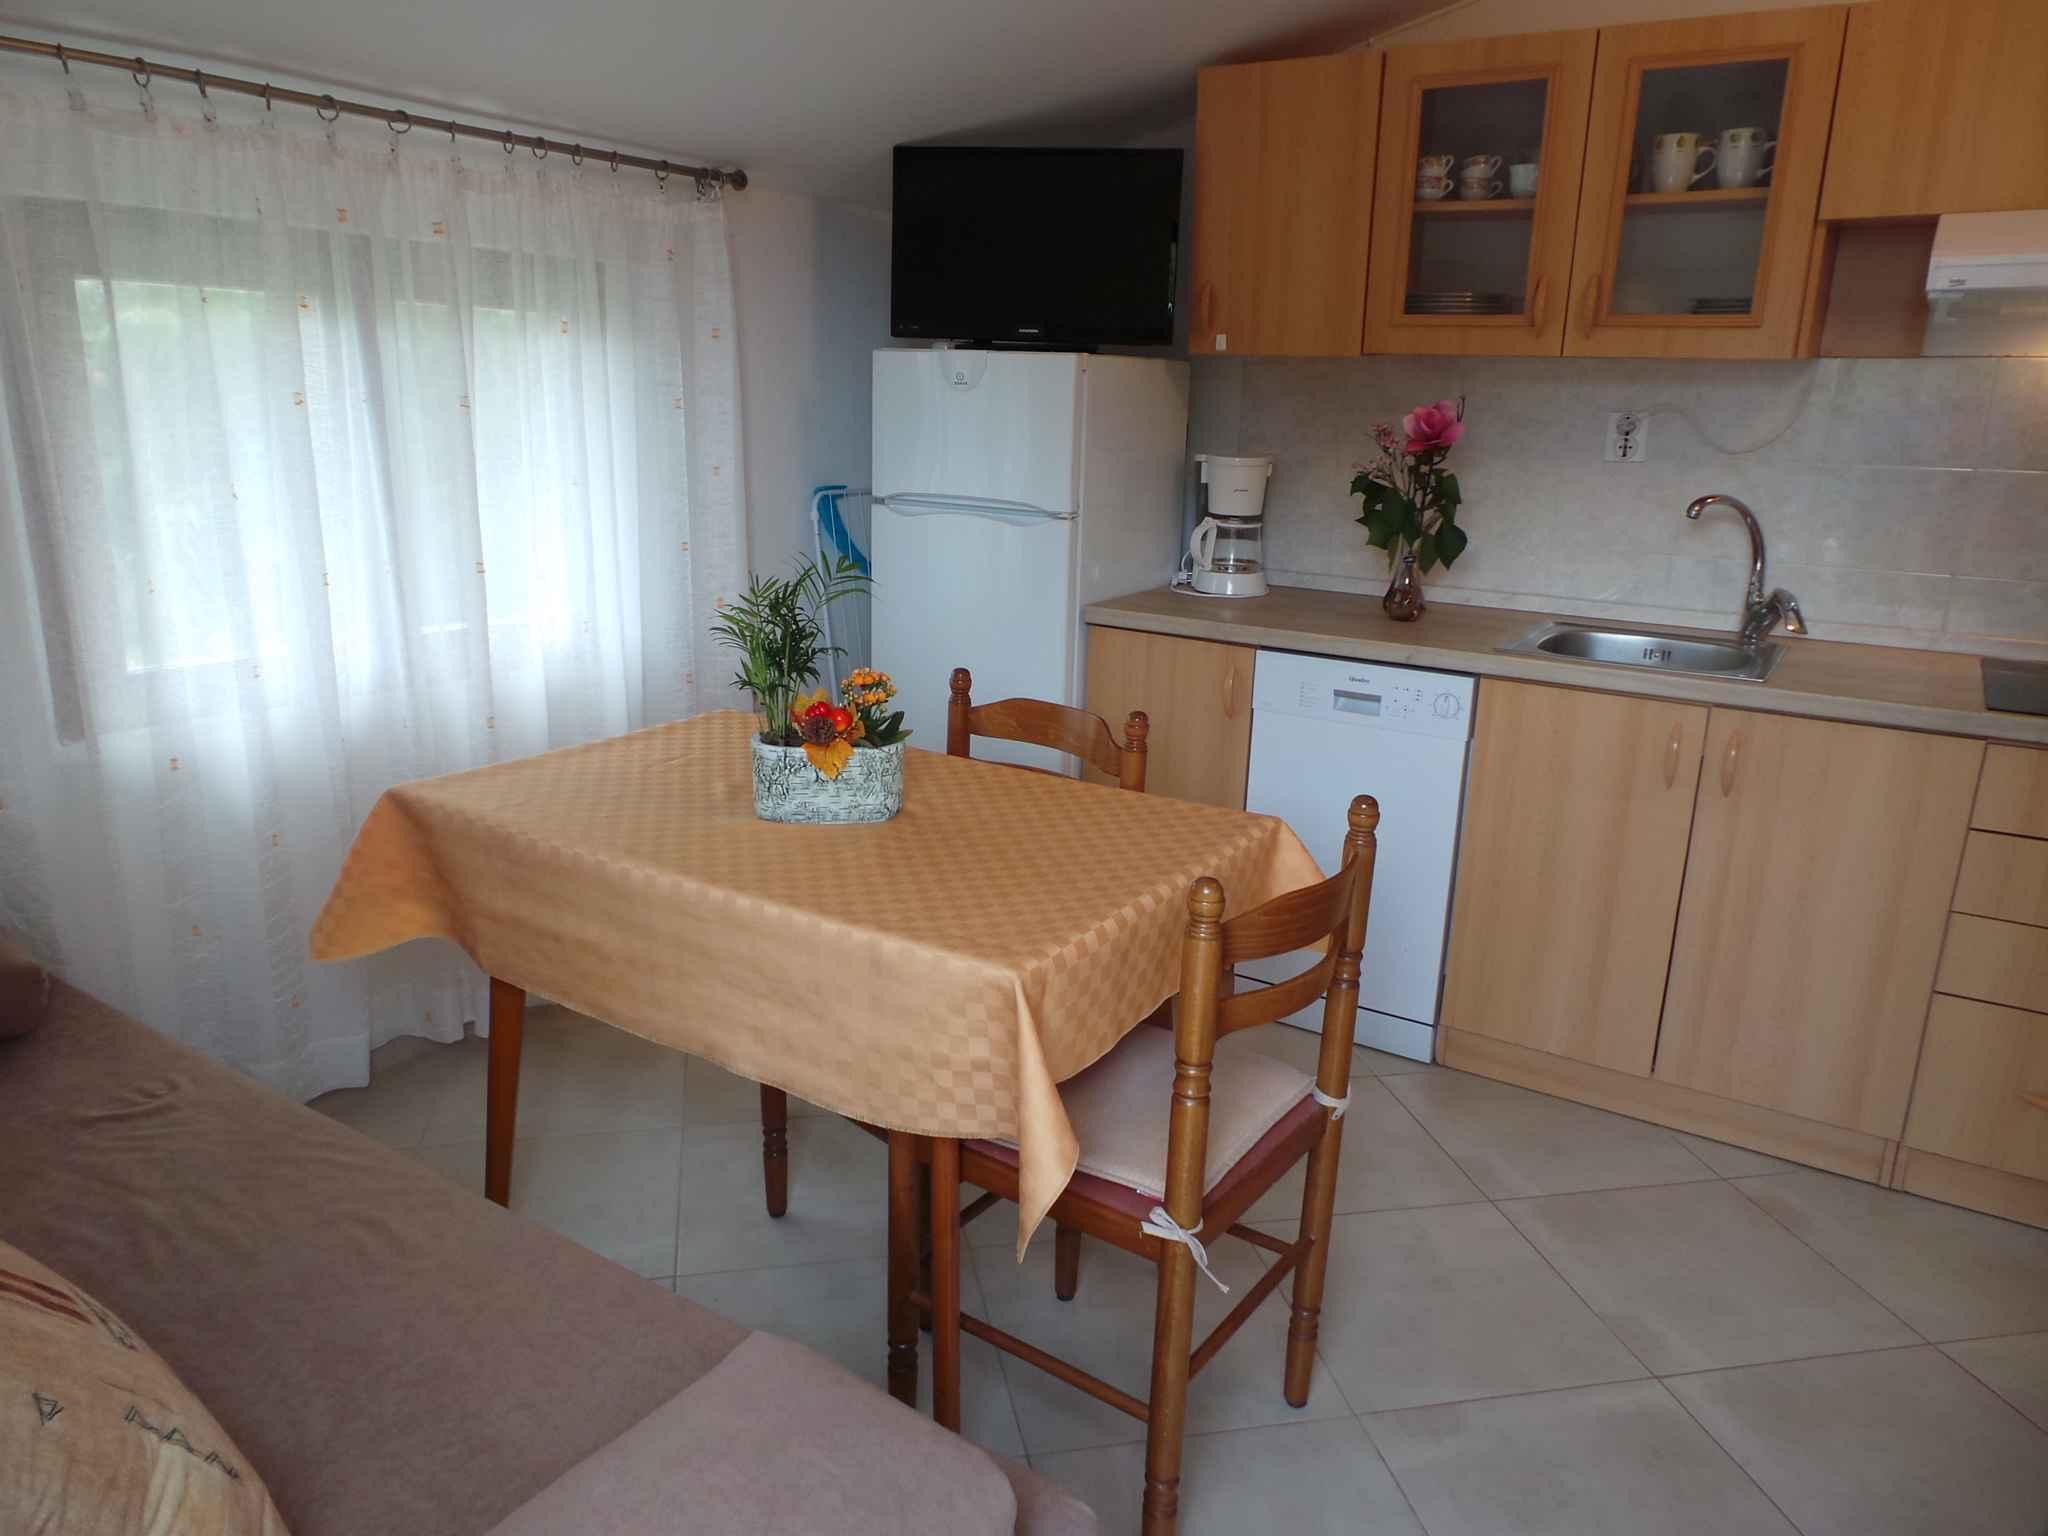 Ferienwohnung sa internetom (280324), Porec, , Istrien, Kroatien, Bild 17